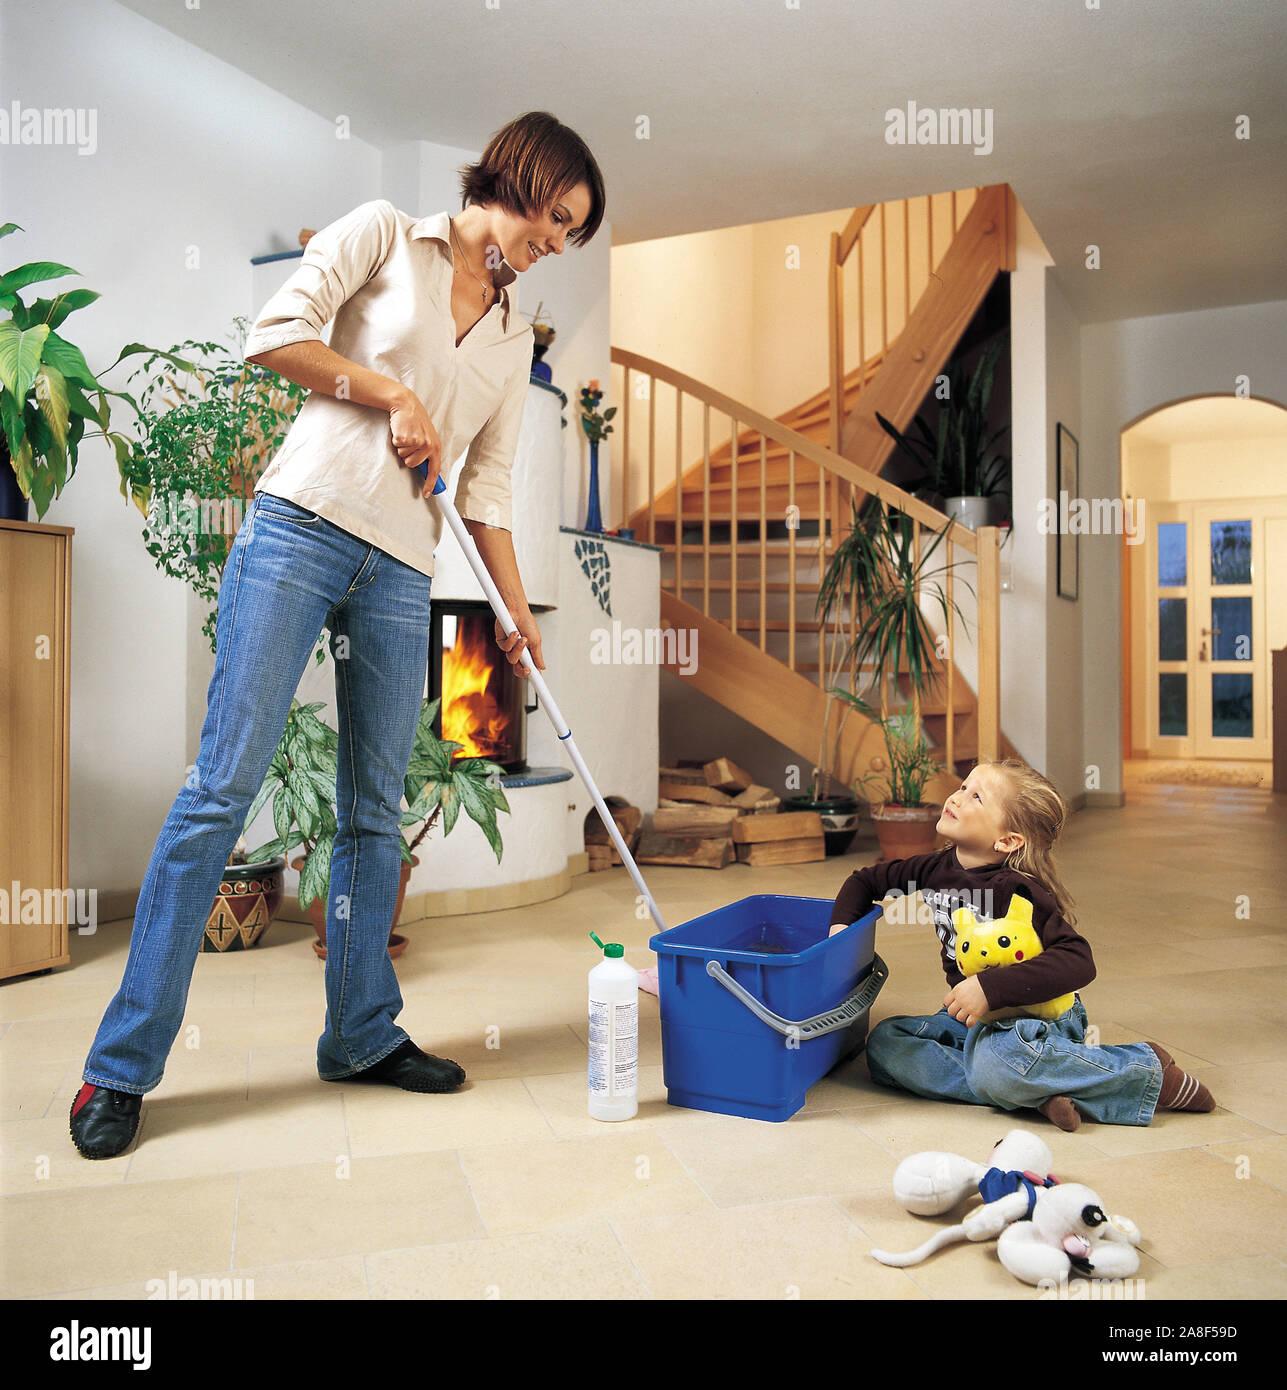 Frau Junge beim Putzen, 25, 30 Jahre, señor: Sí, den Fussboden wischt mit dem Wischmob, Foto de stock